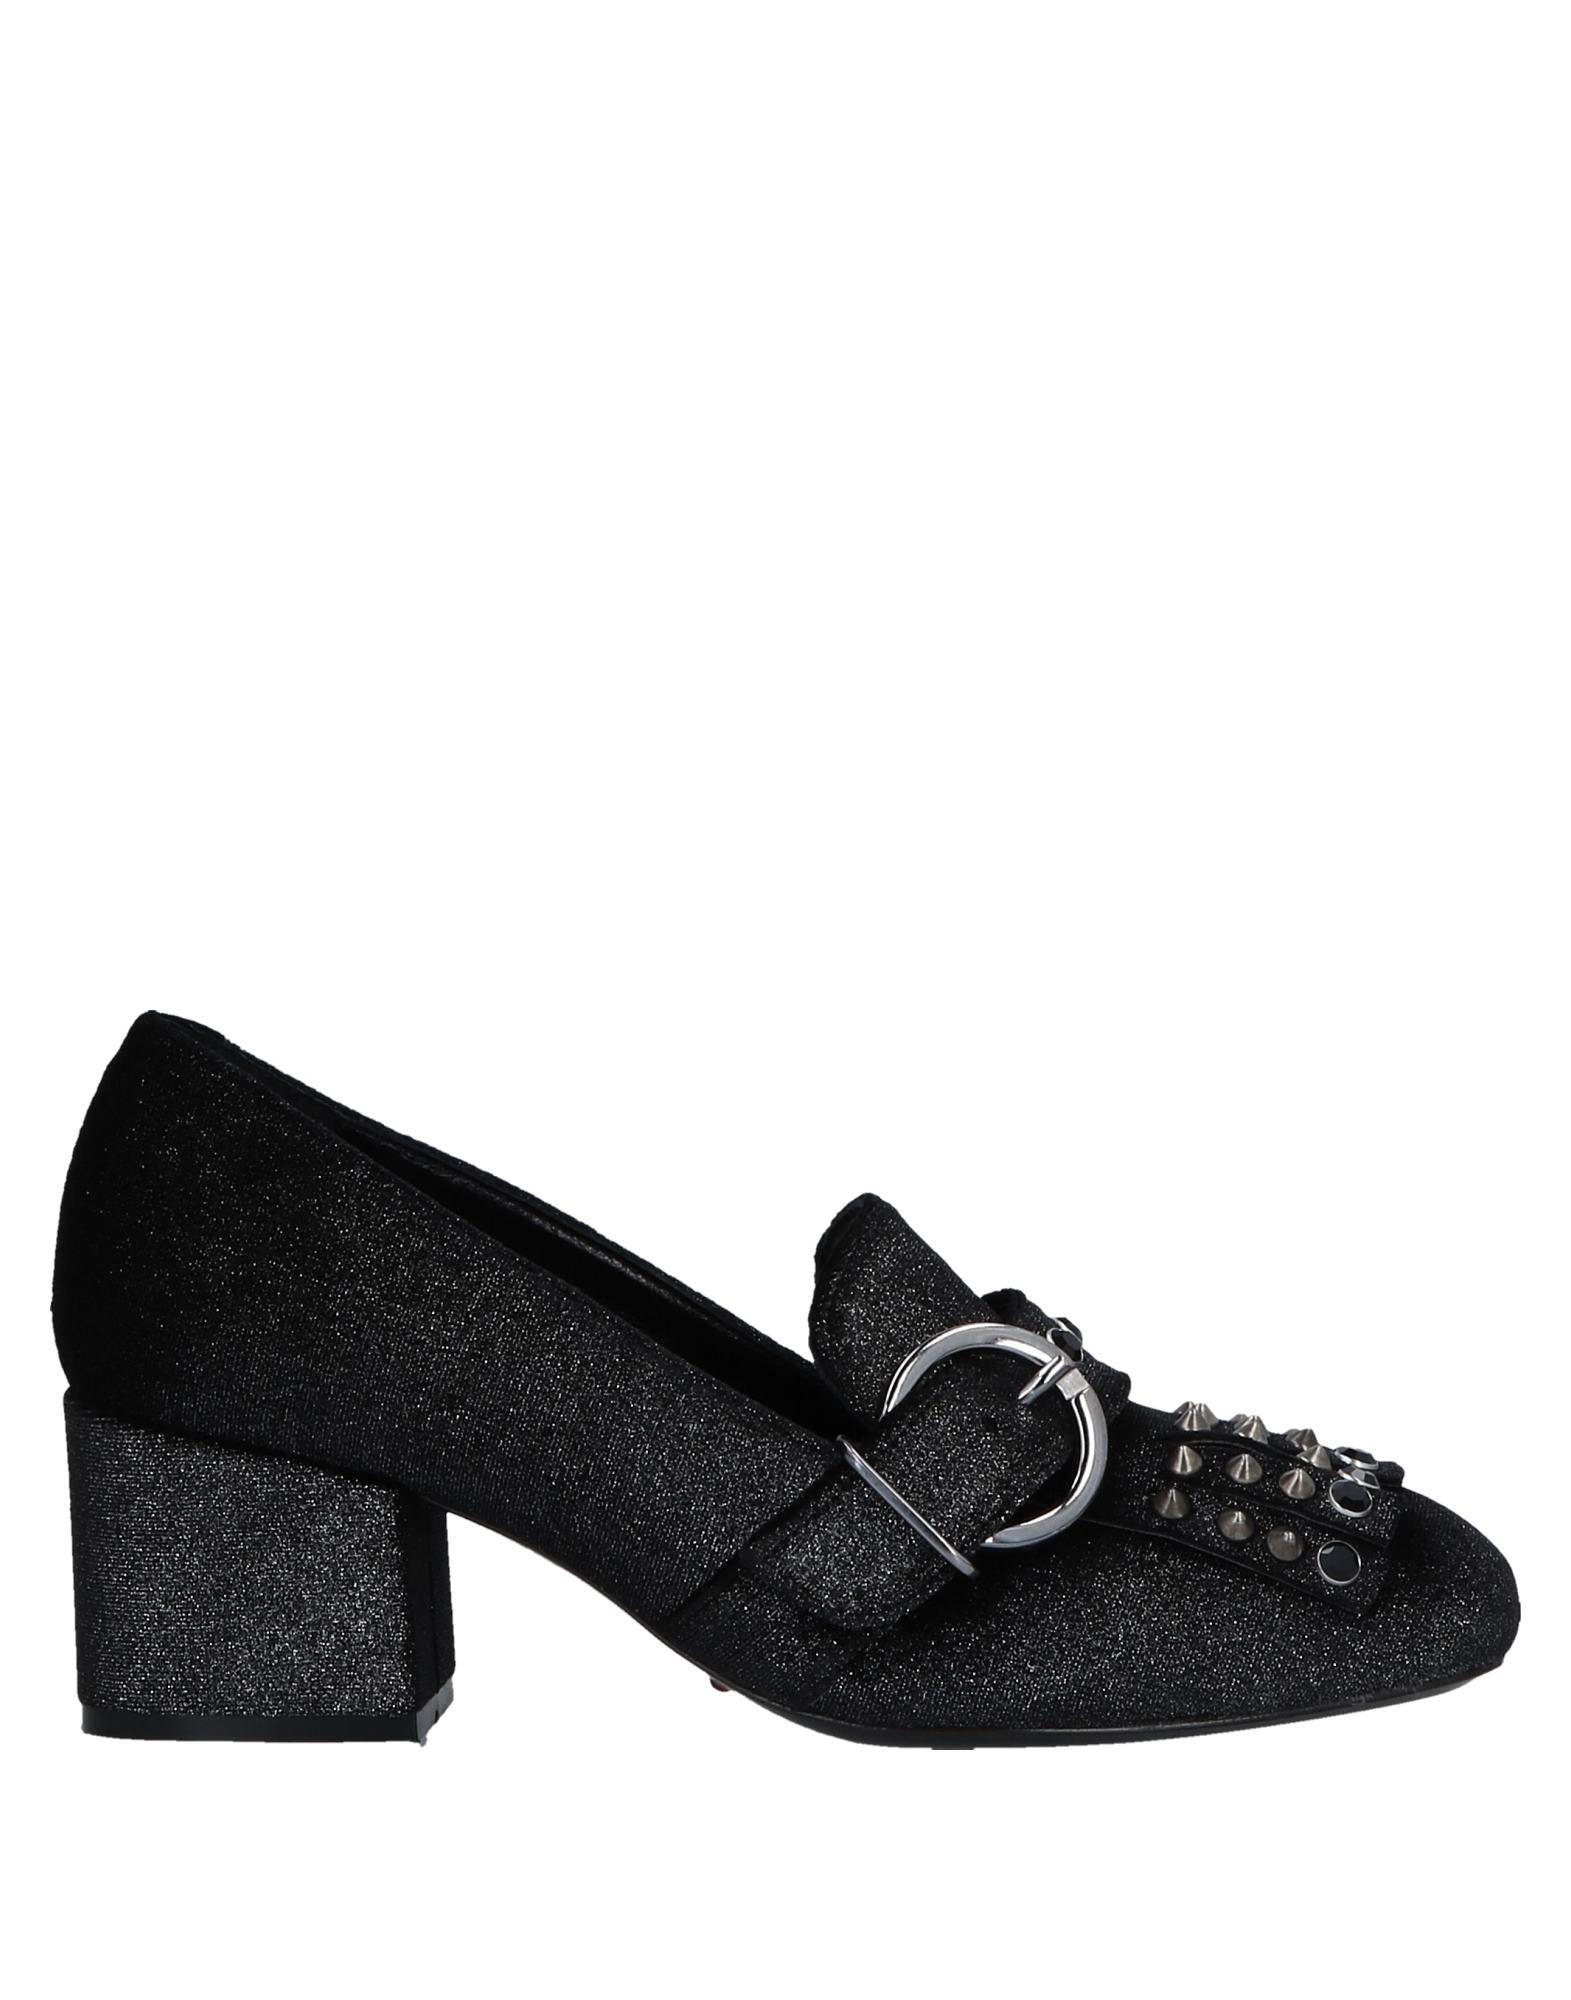 Todai Mokassins Damen  11517206HP Gute Qualität beliebte Schuhe